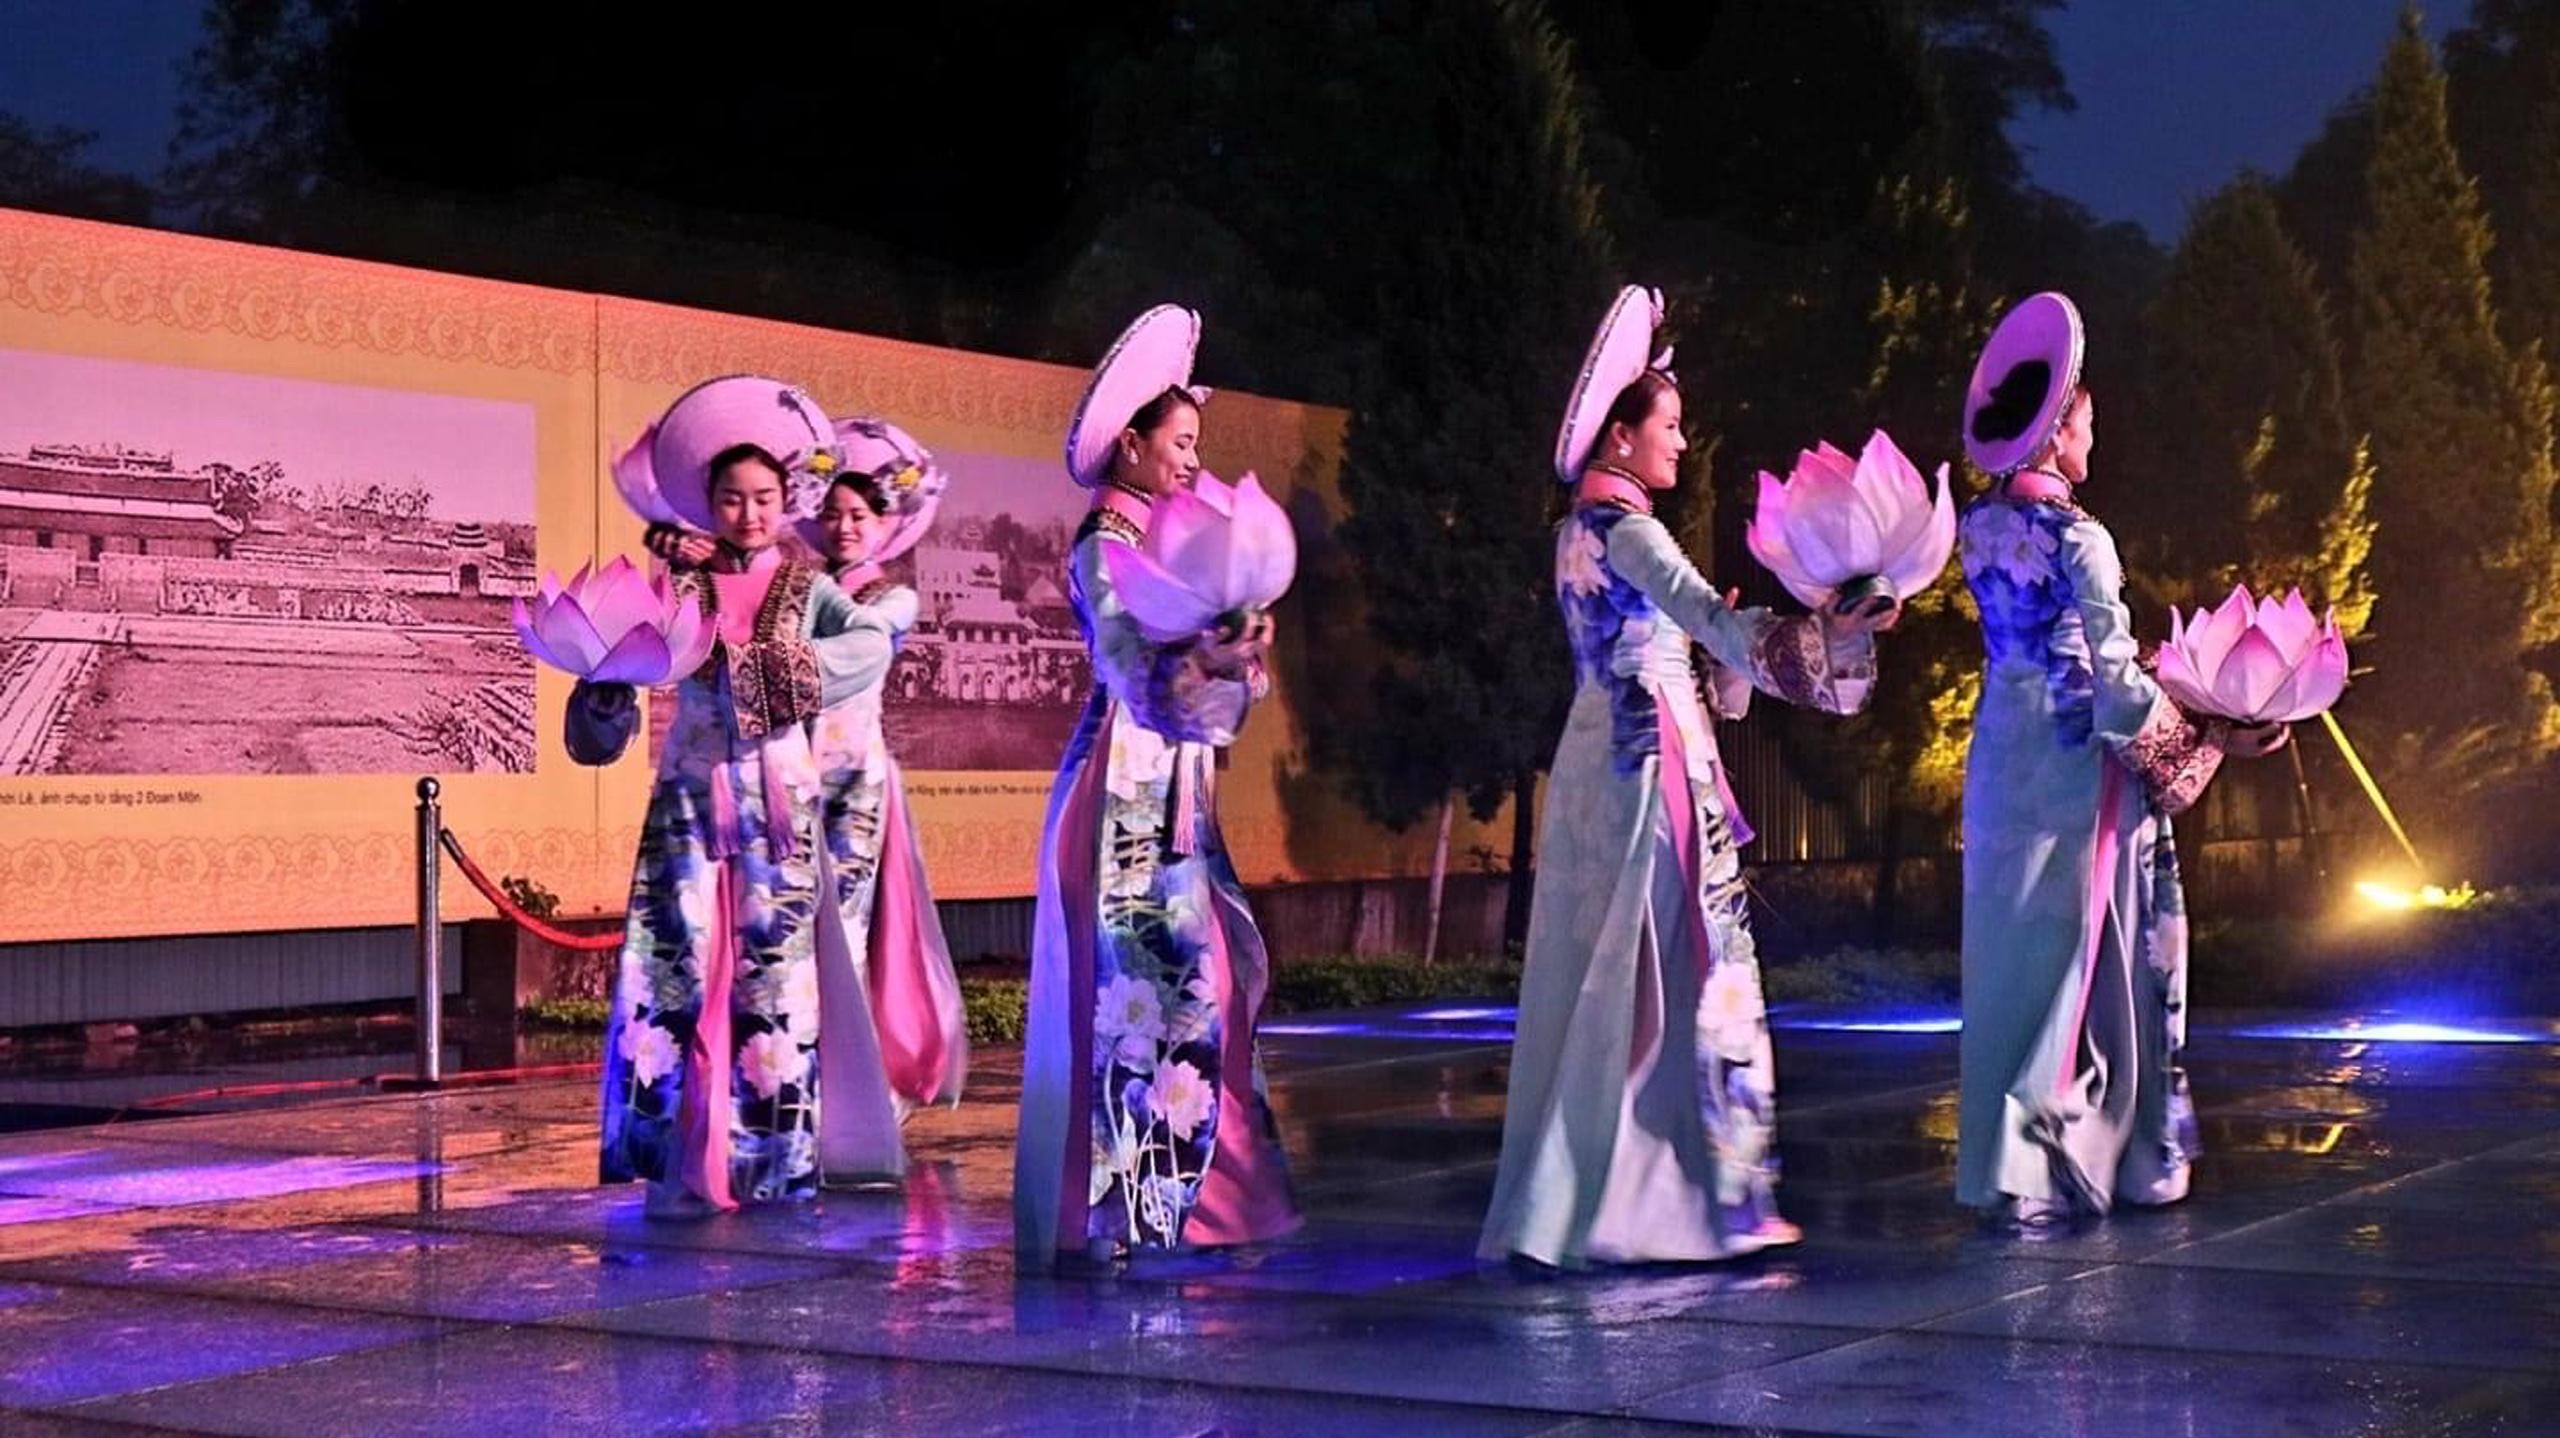 Vũ công biểu diễn múa cổ Cung đình